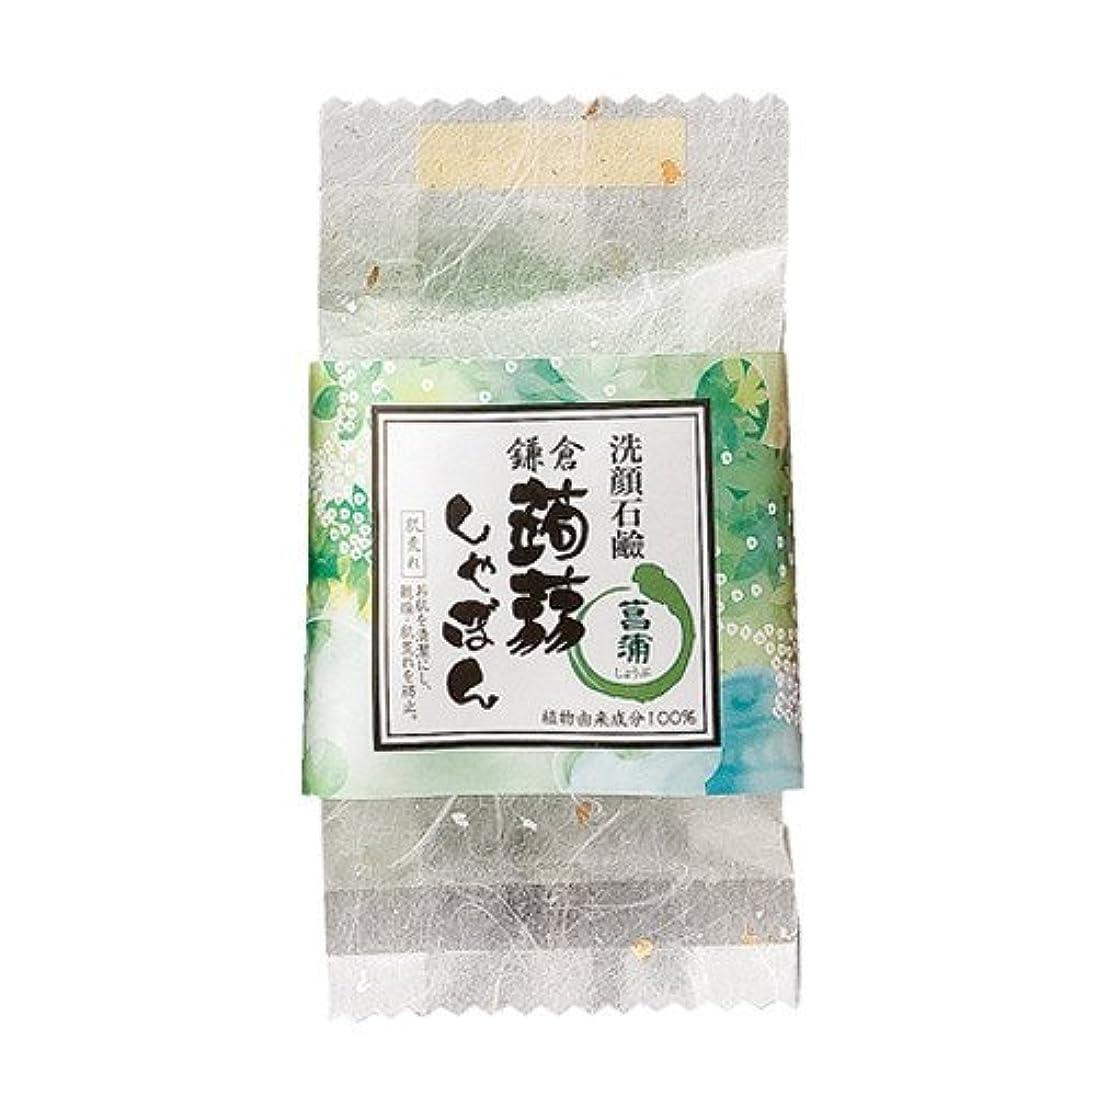 歴史的適用済み見習い鎌倉 蒟蒻しゃぼん 菖蒲